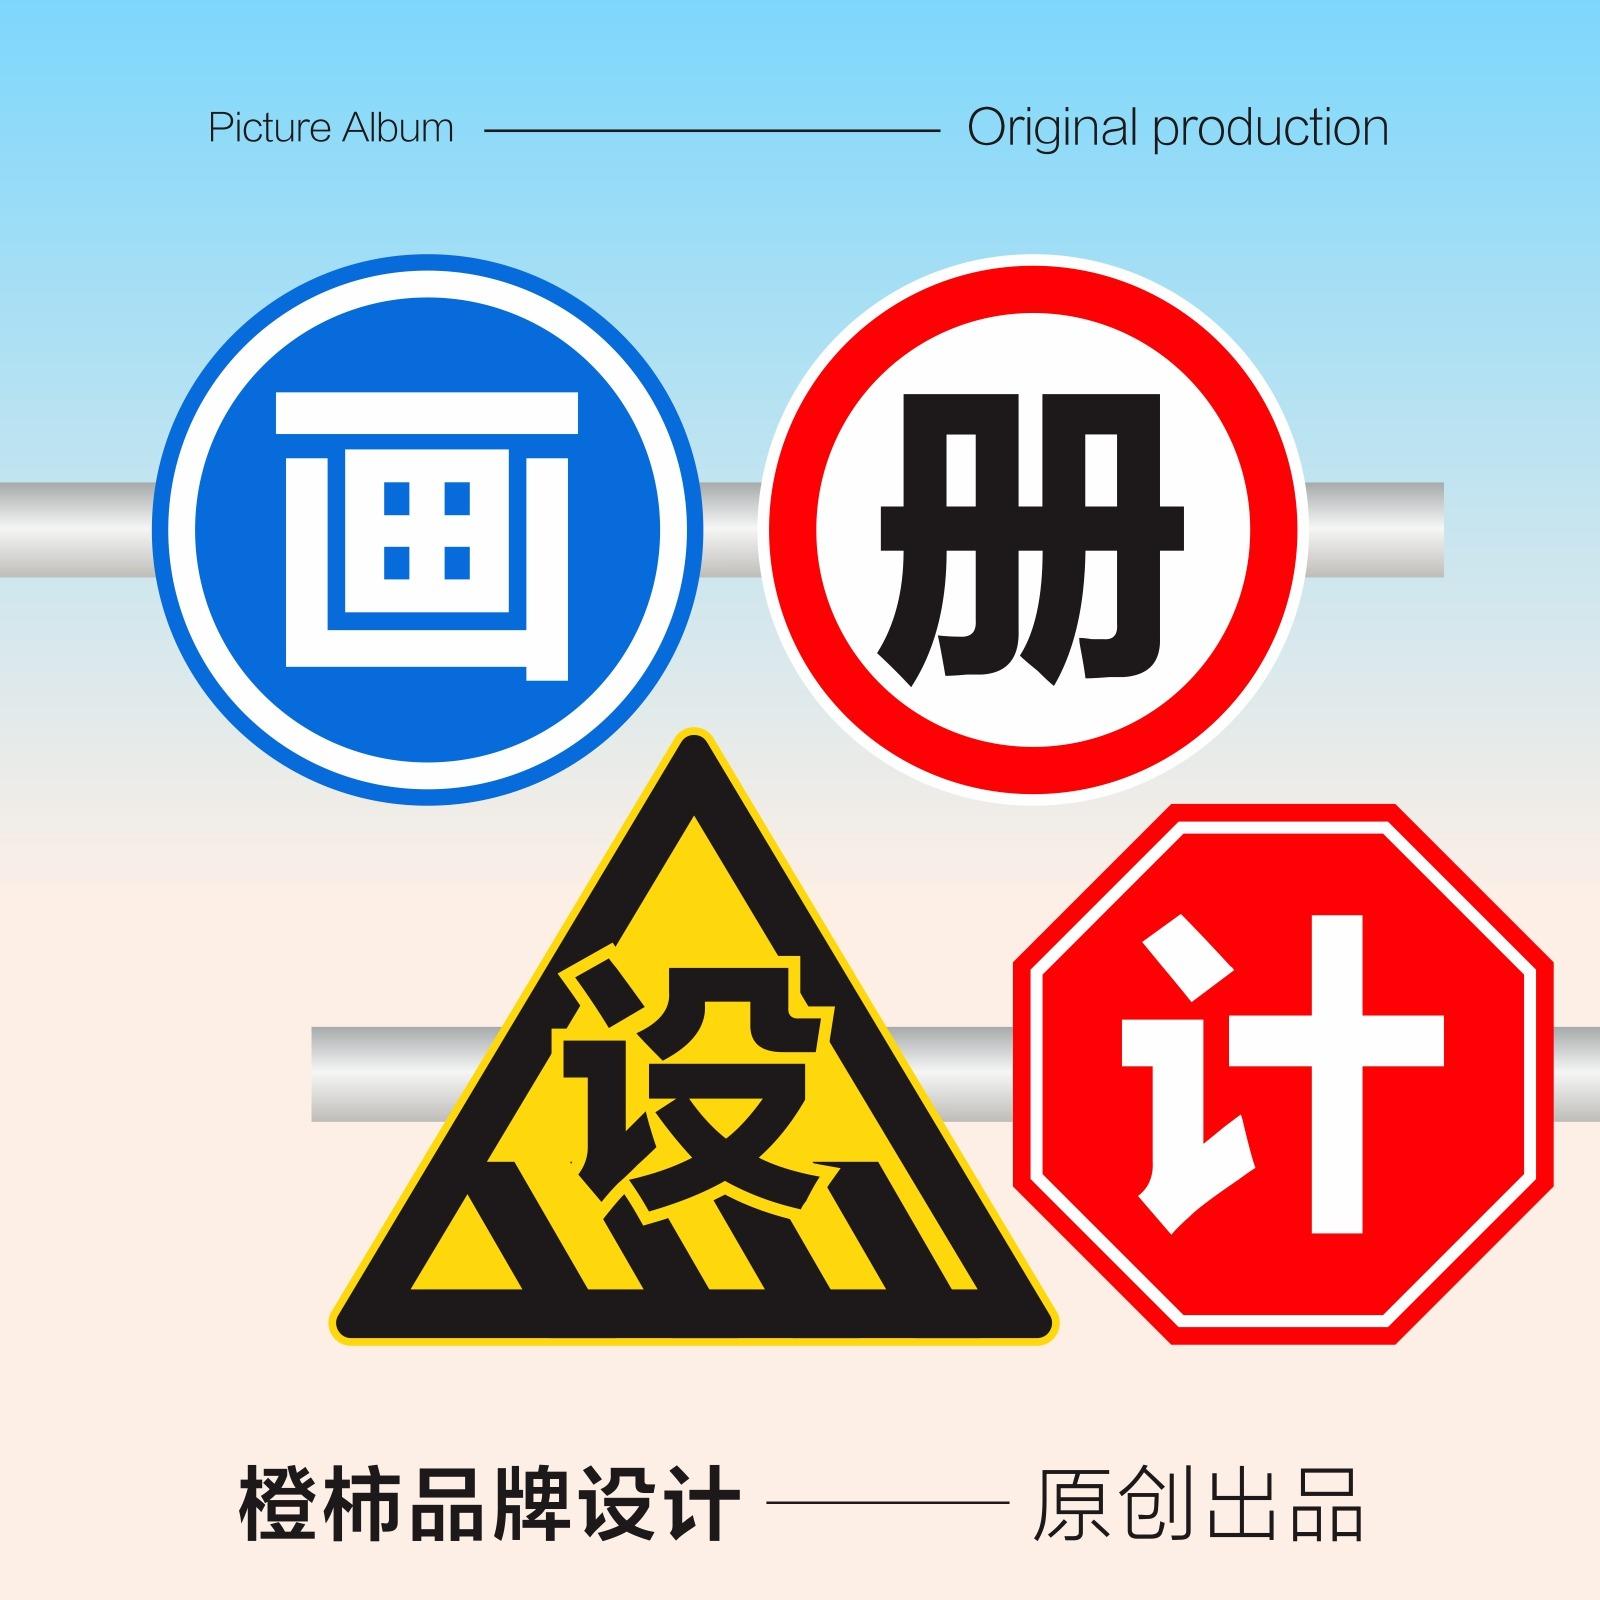 画册扉页设计商务中国风欧式时尚简约科技唯美手绘创意卡通品牌